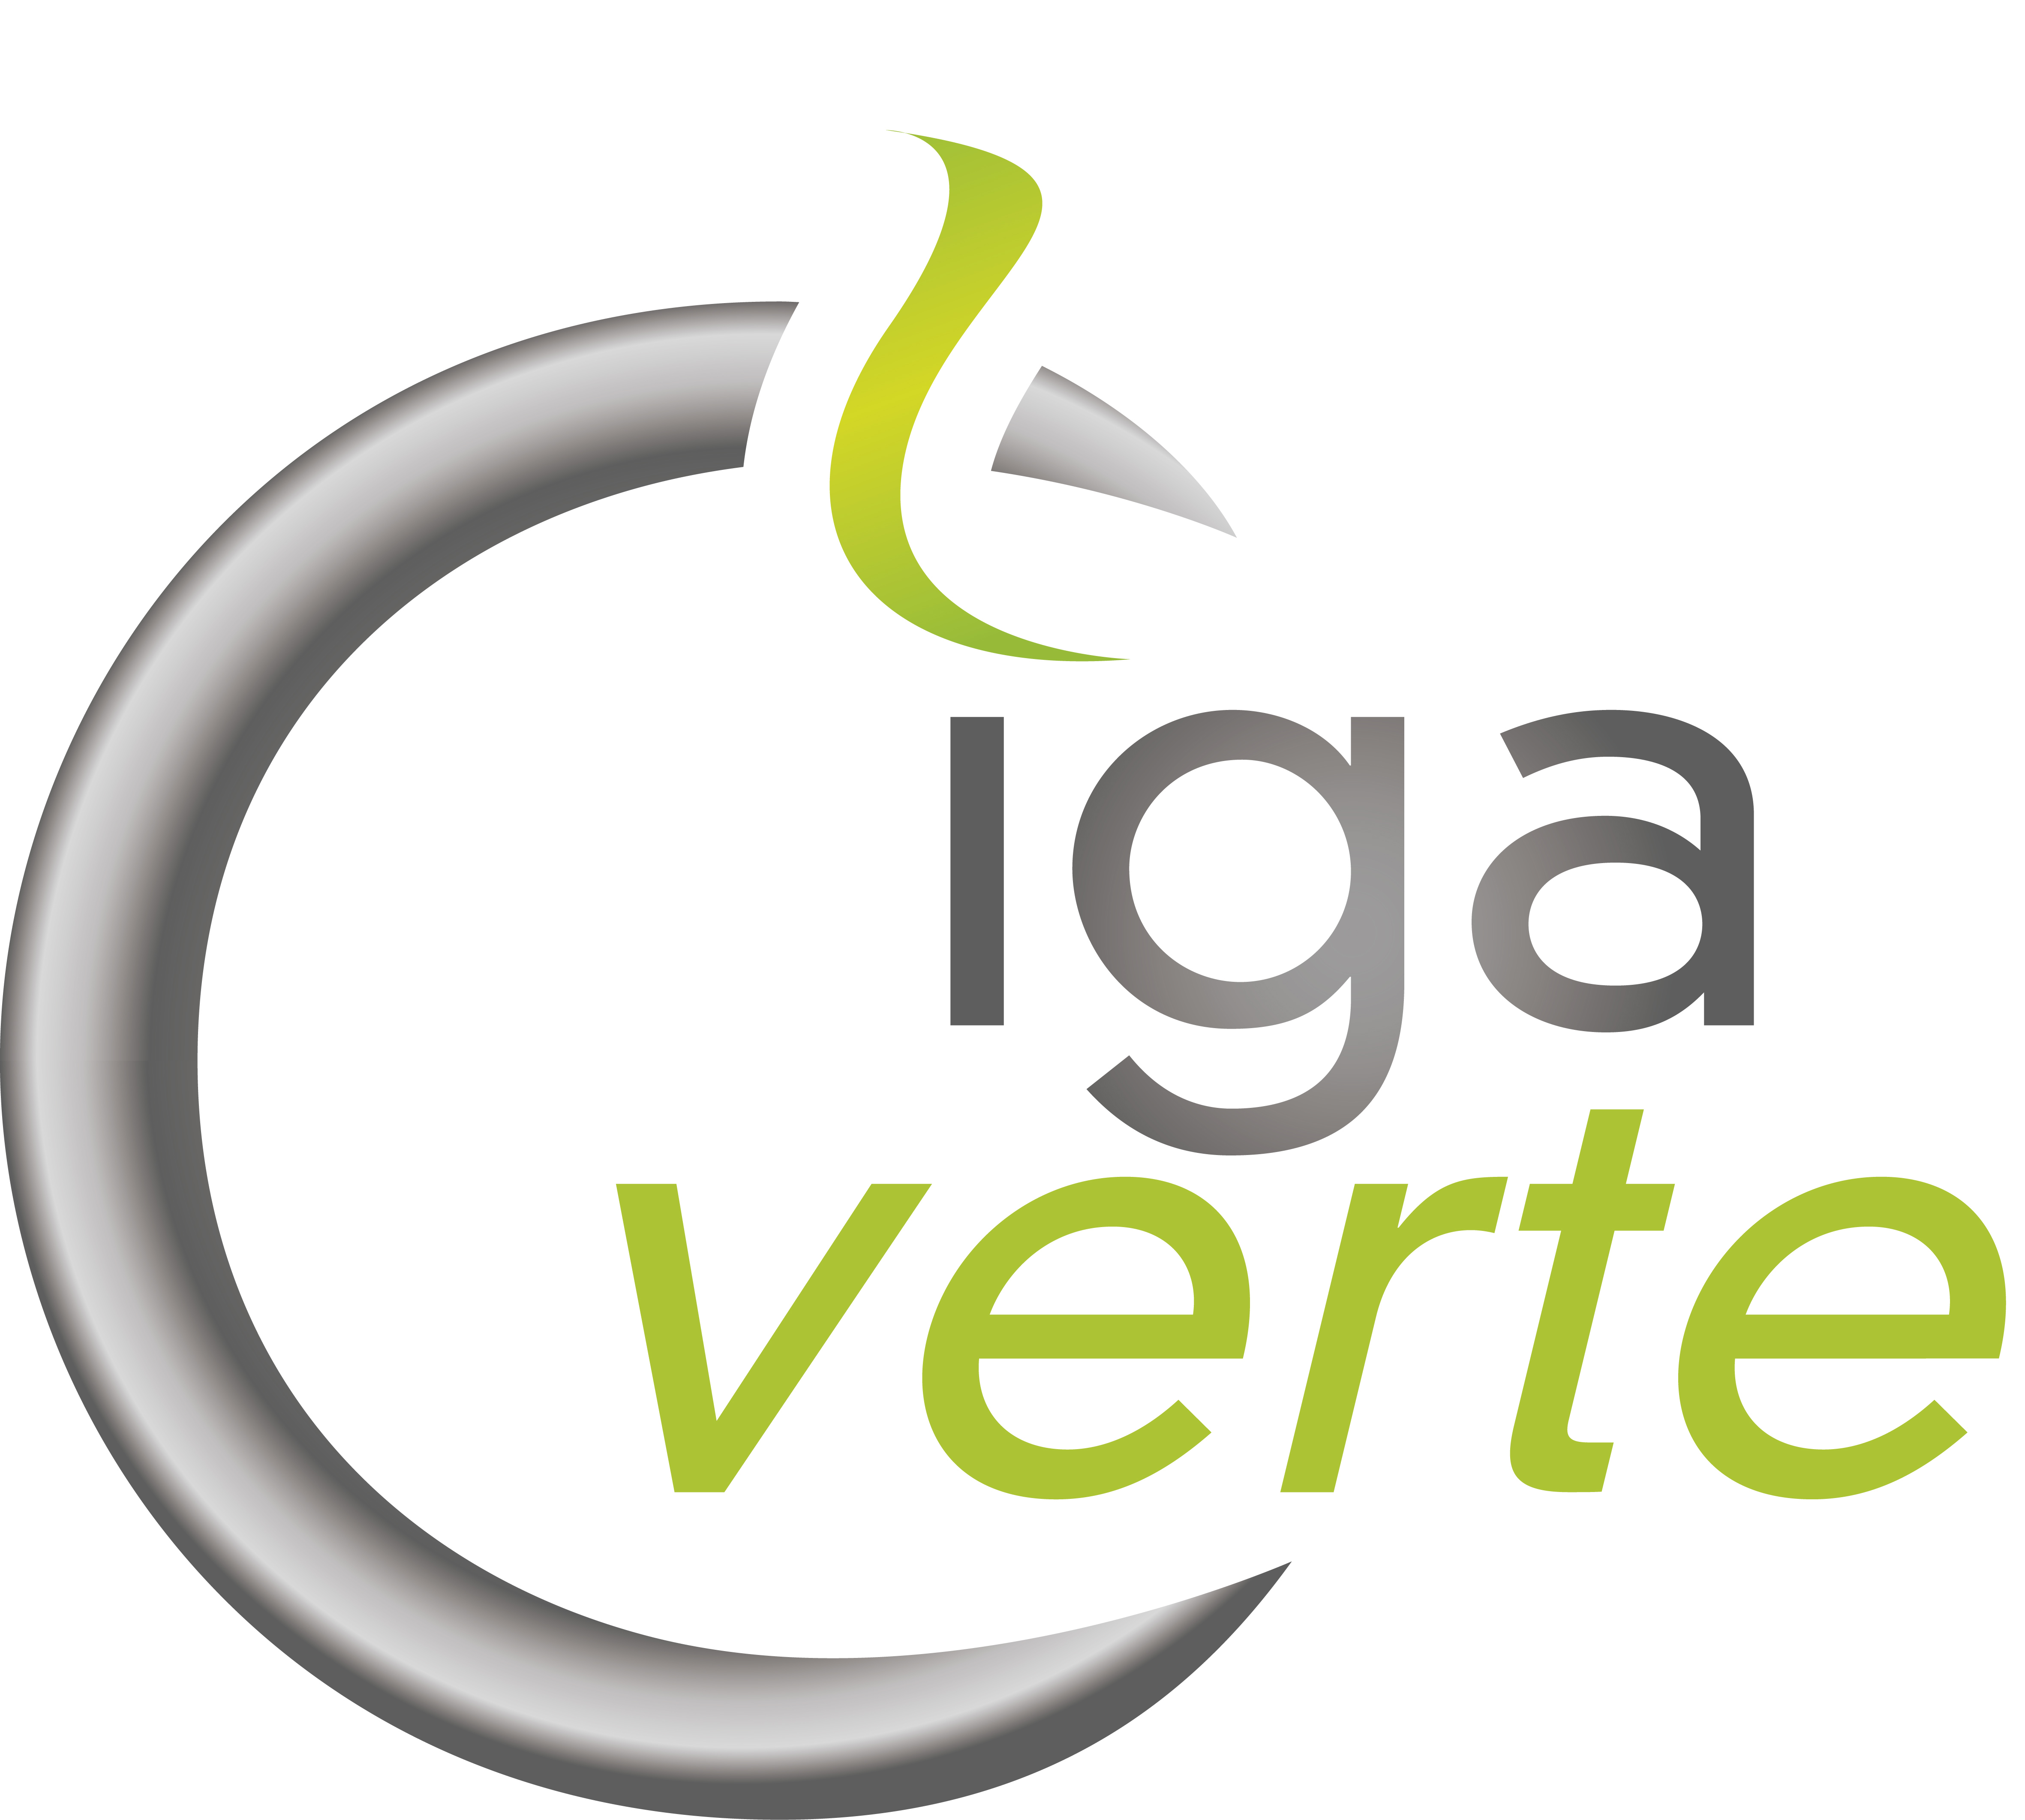 Boutique de vape spécialisée CIGAVERTE située à CORMONTREUIL